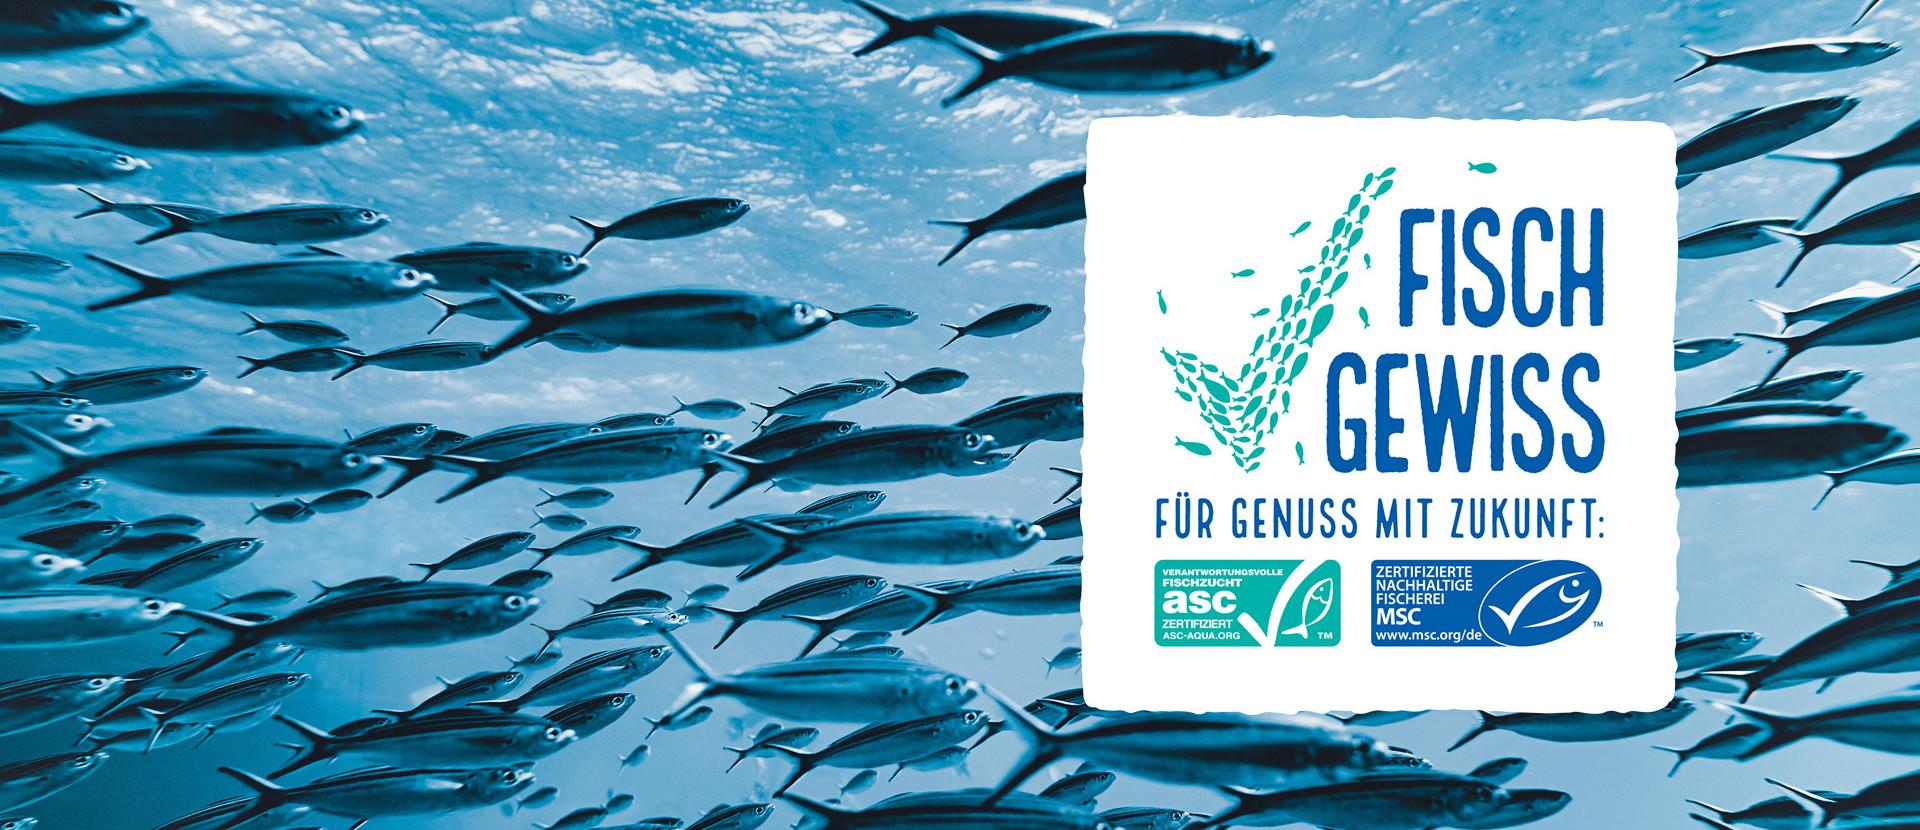 Fischschwarm im Wasser und FischGewiss Kampagnenlogo